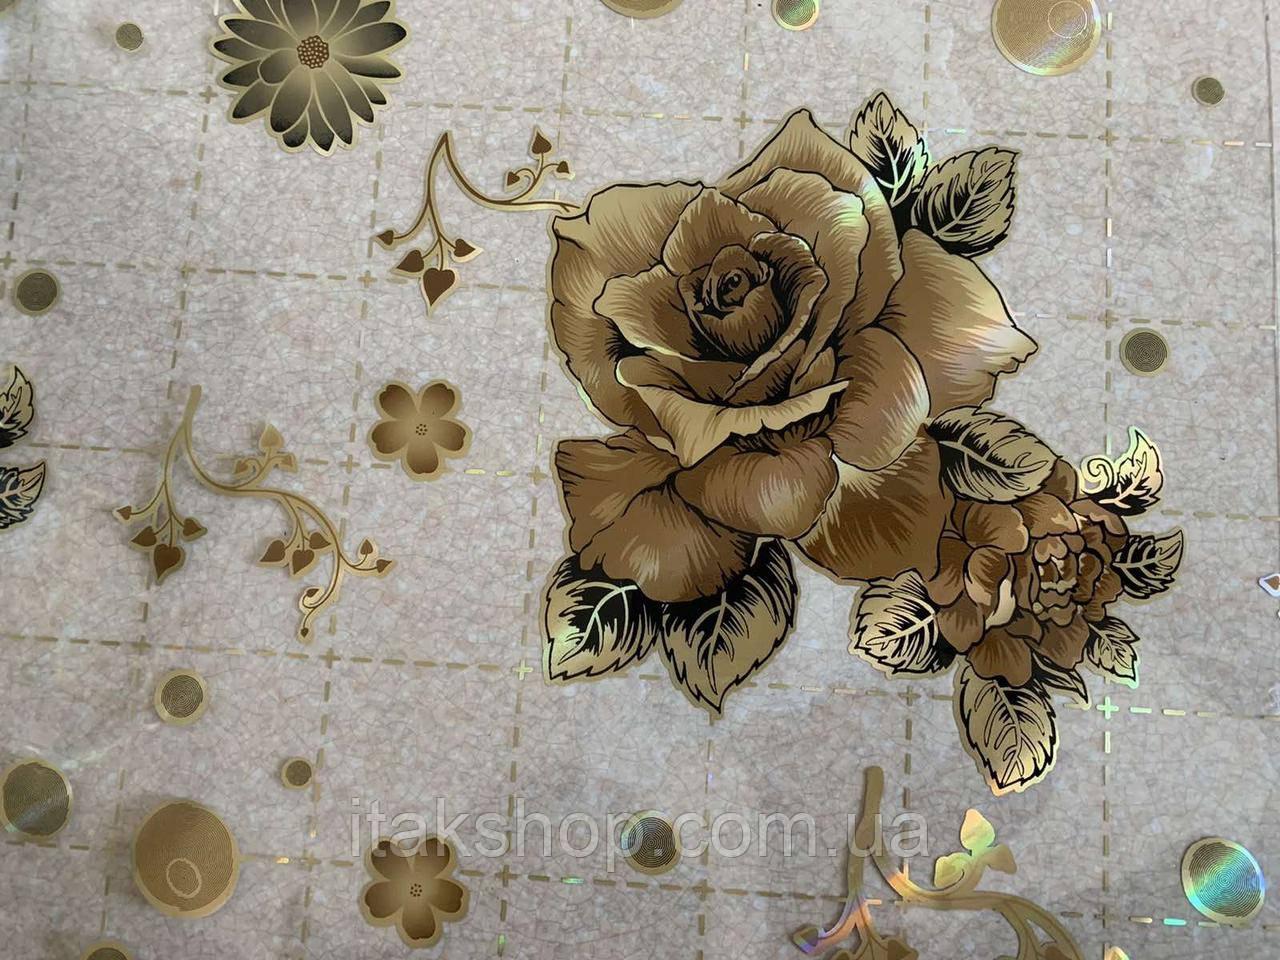 М'яке скло Скатертину з лазерним малюнком для меблів Soft Glass 1.7х0.8м товщина 1.5 мм Кавова троянда